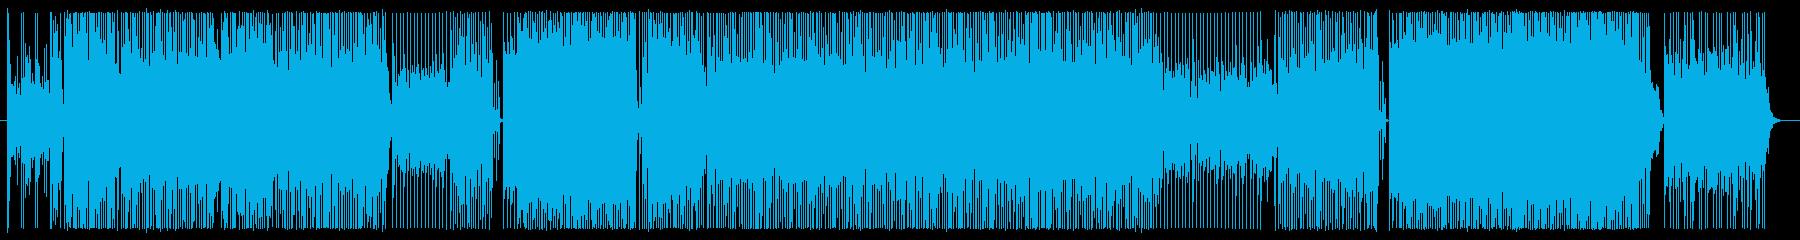 ミステリーを表現したEDMギターインストの再生済みの波形